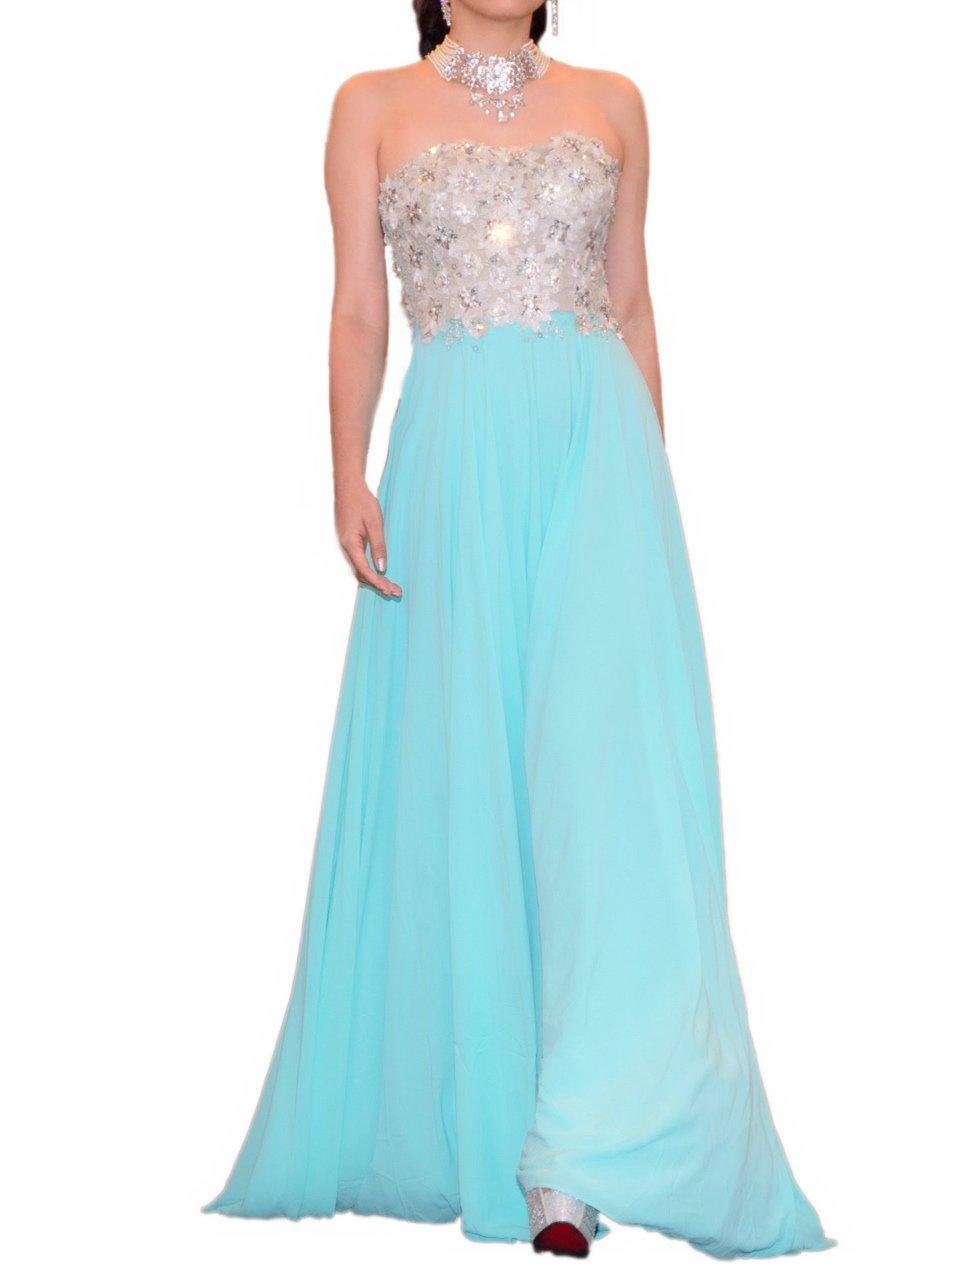 シルバーフラワービスチェペパーミントブルーオーガンジースカートドレス (Pre-owned)